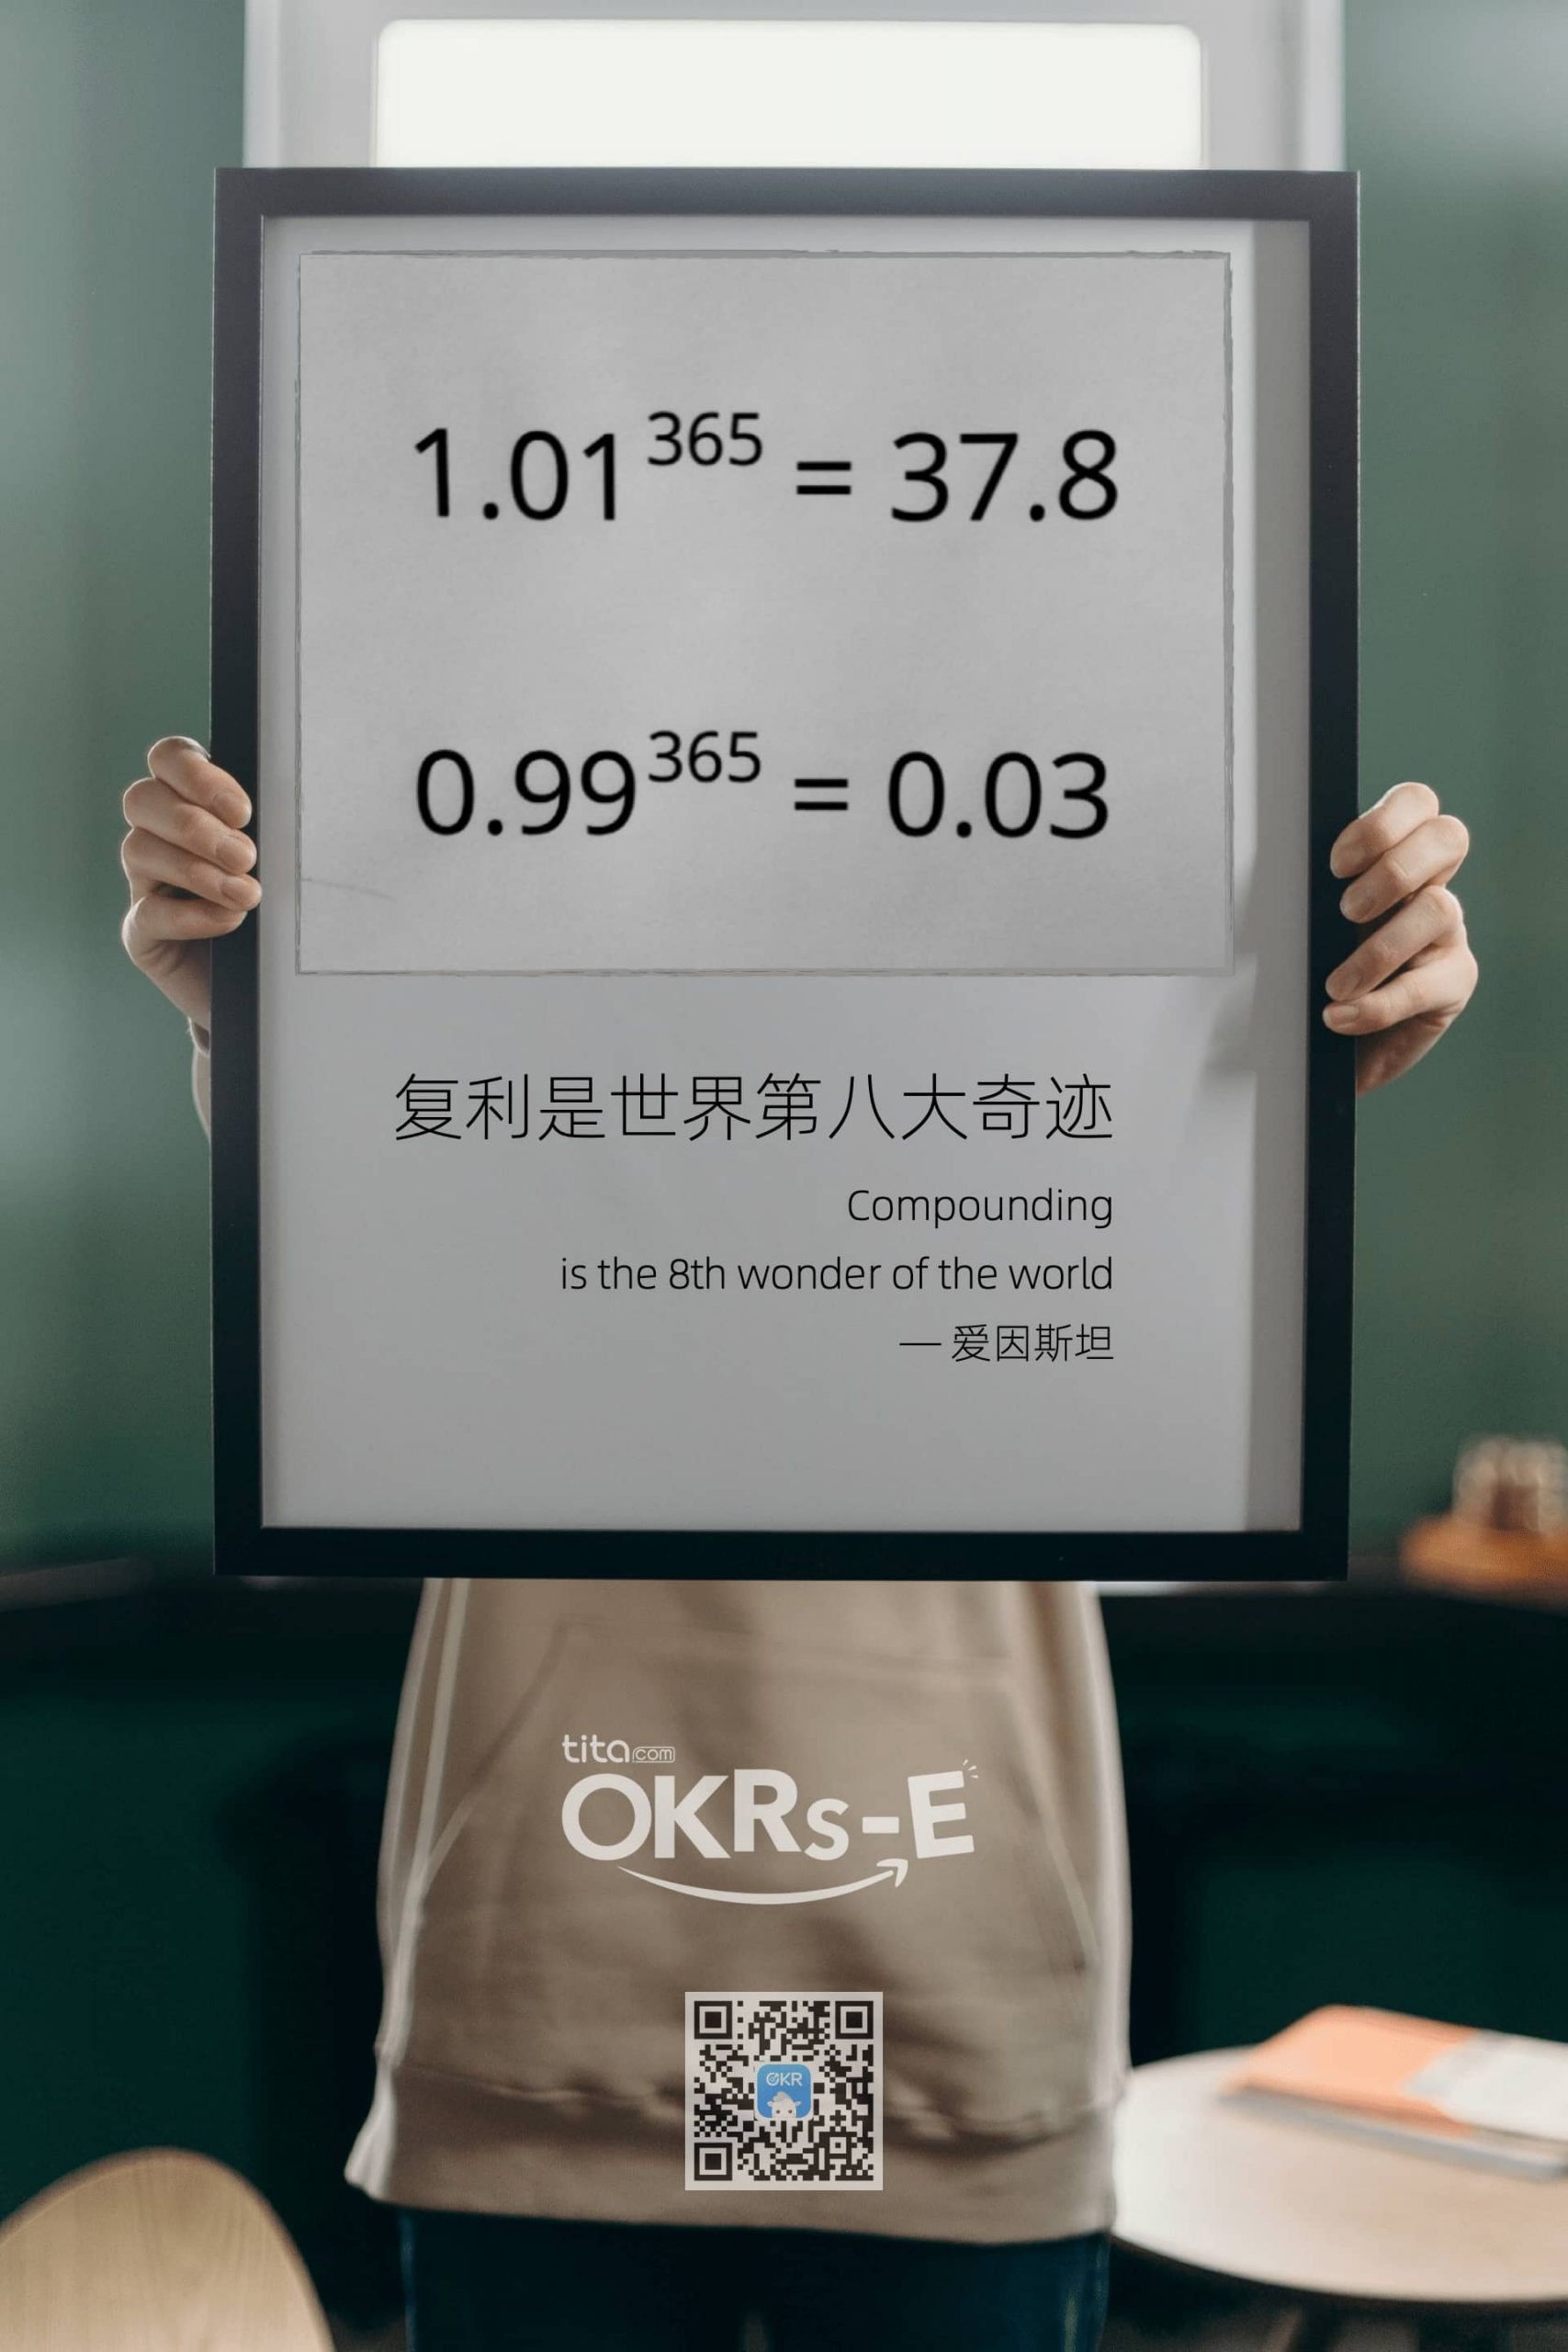 增长黑客:比OKR 10倍速增长的是37倍速,比你想象的简单